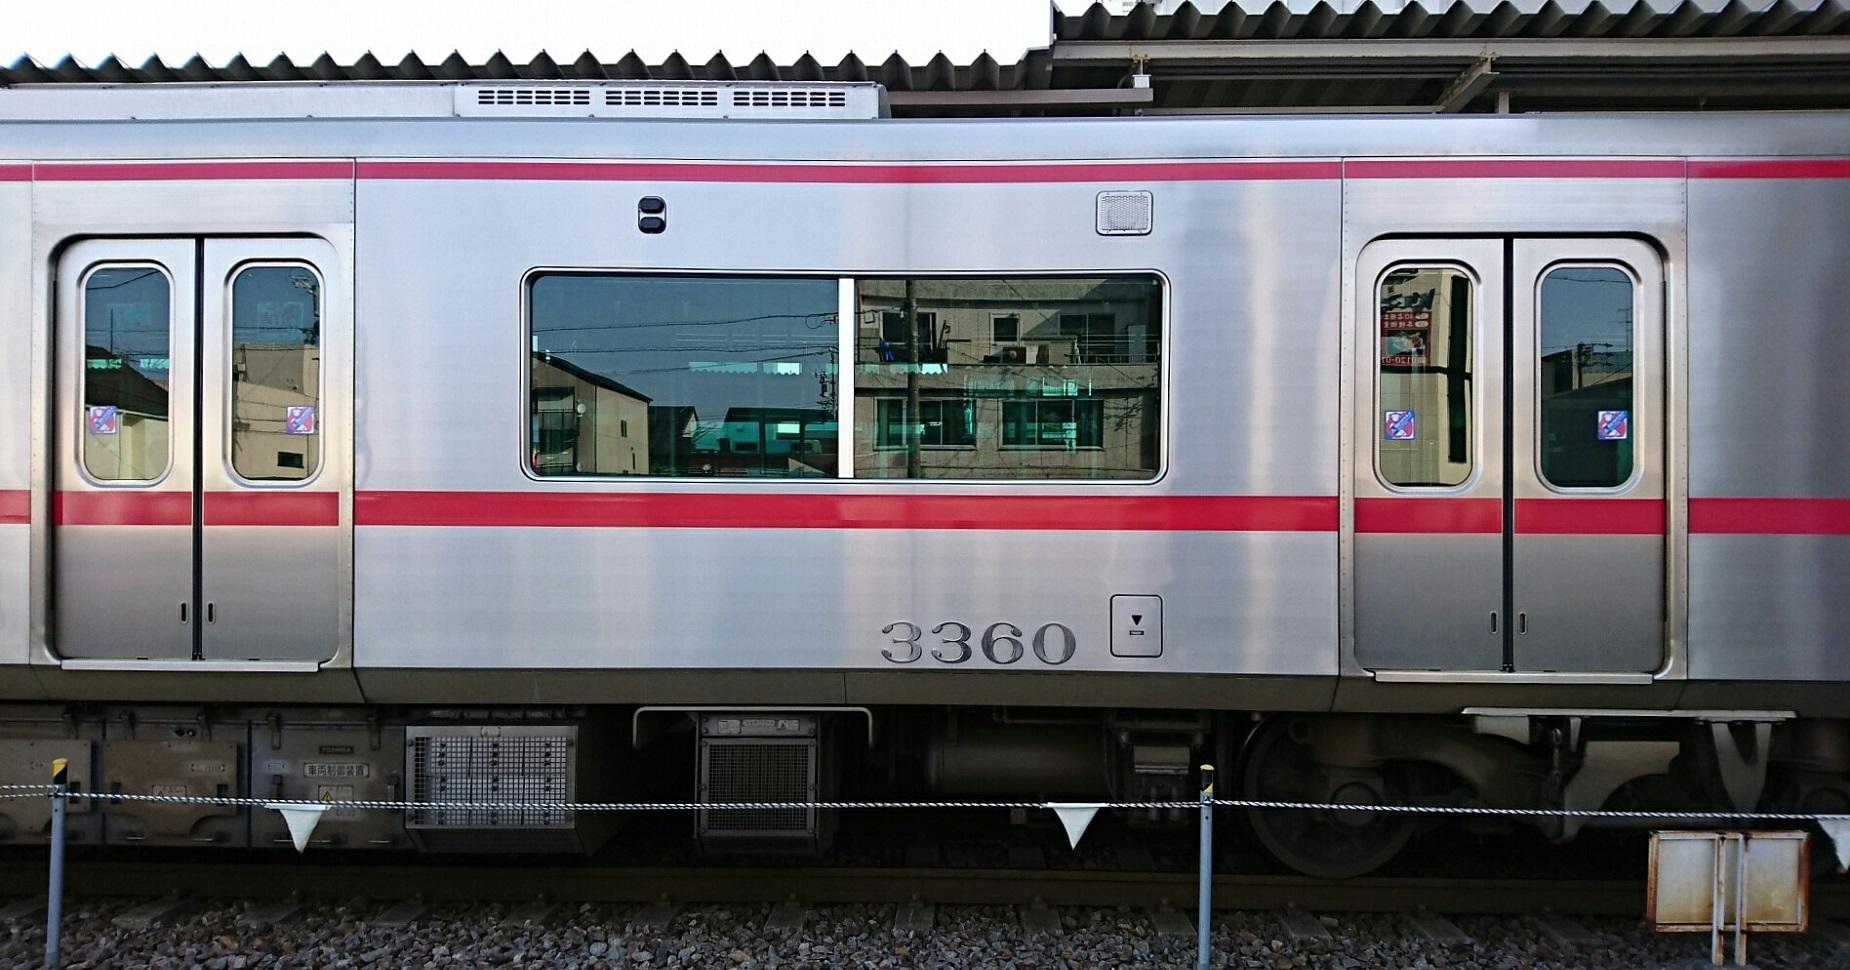 2018.5.15 (15) しんあんじょう - 東岡崎いきふつう 1850-970